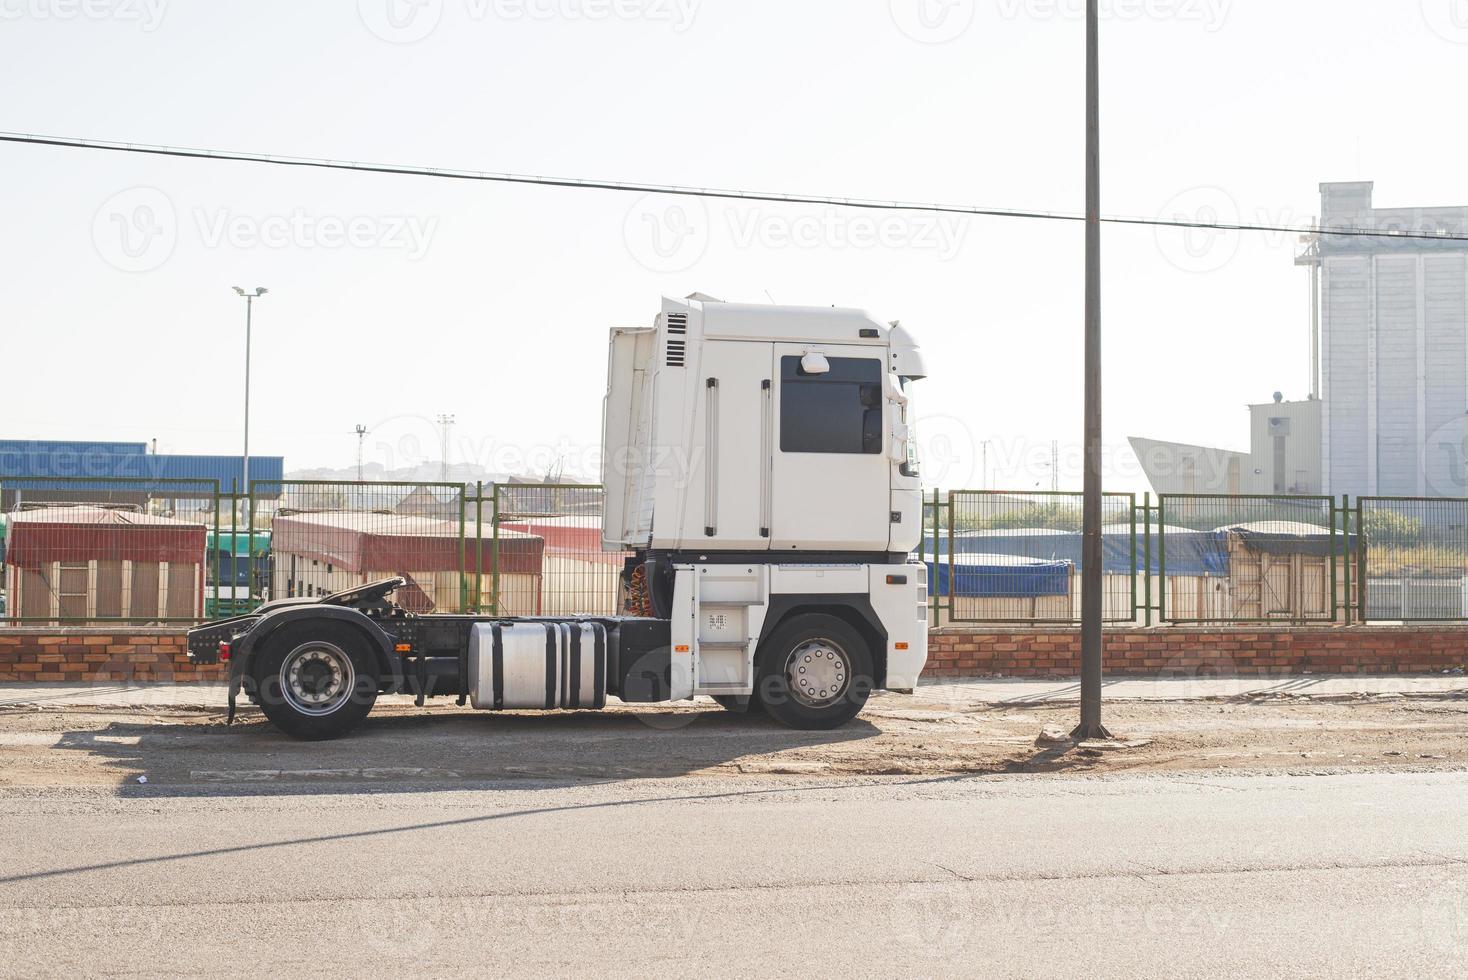 camión blanco estacionado foto